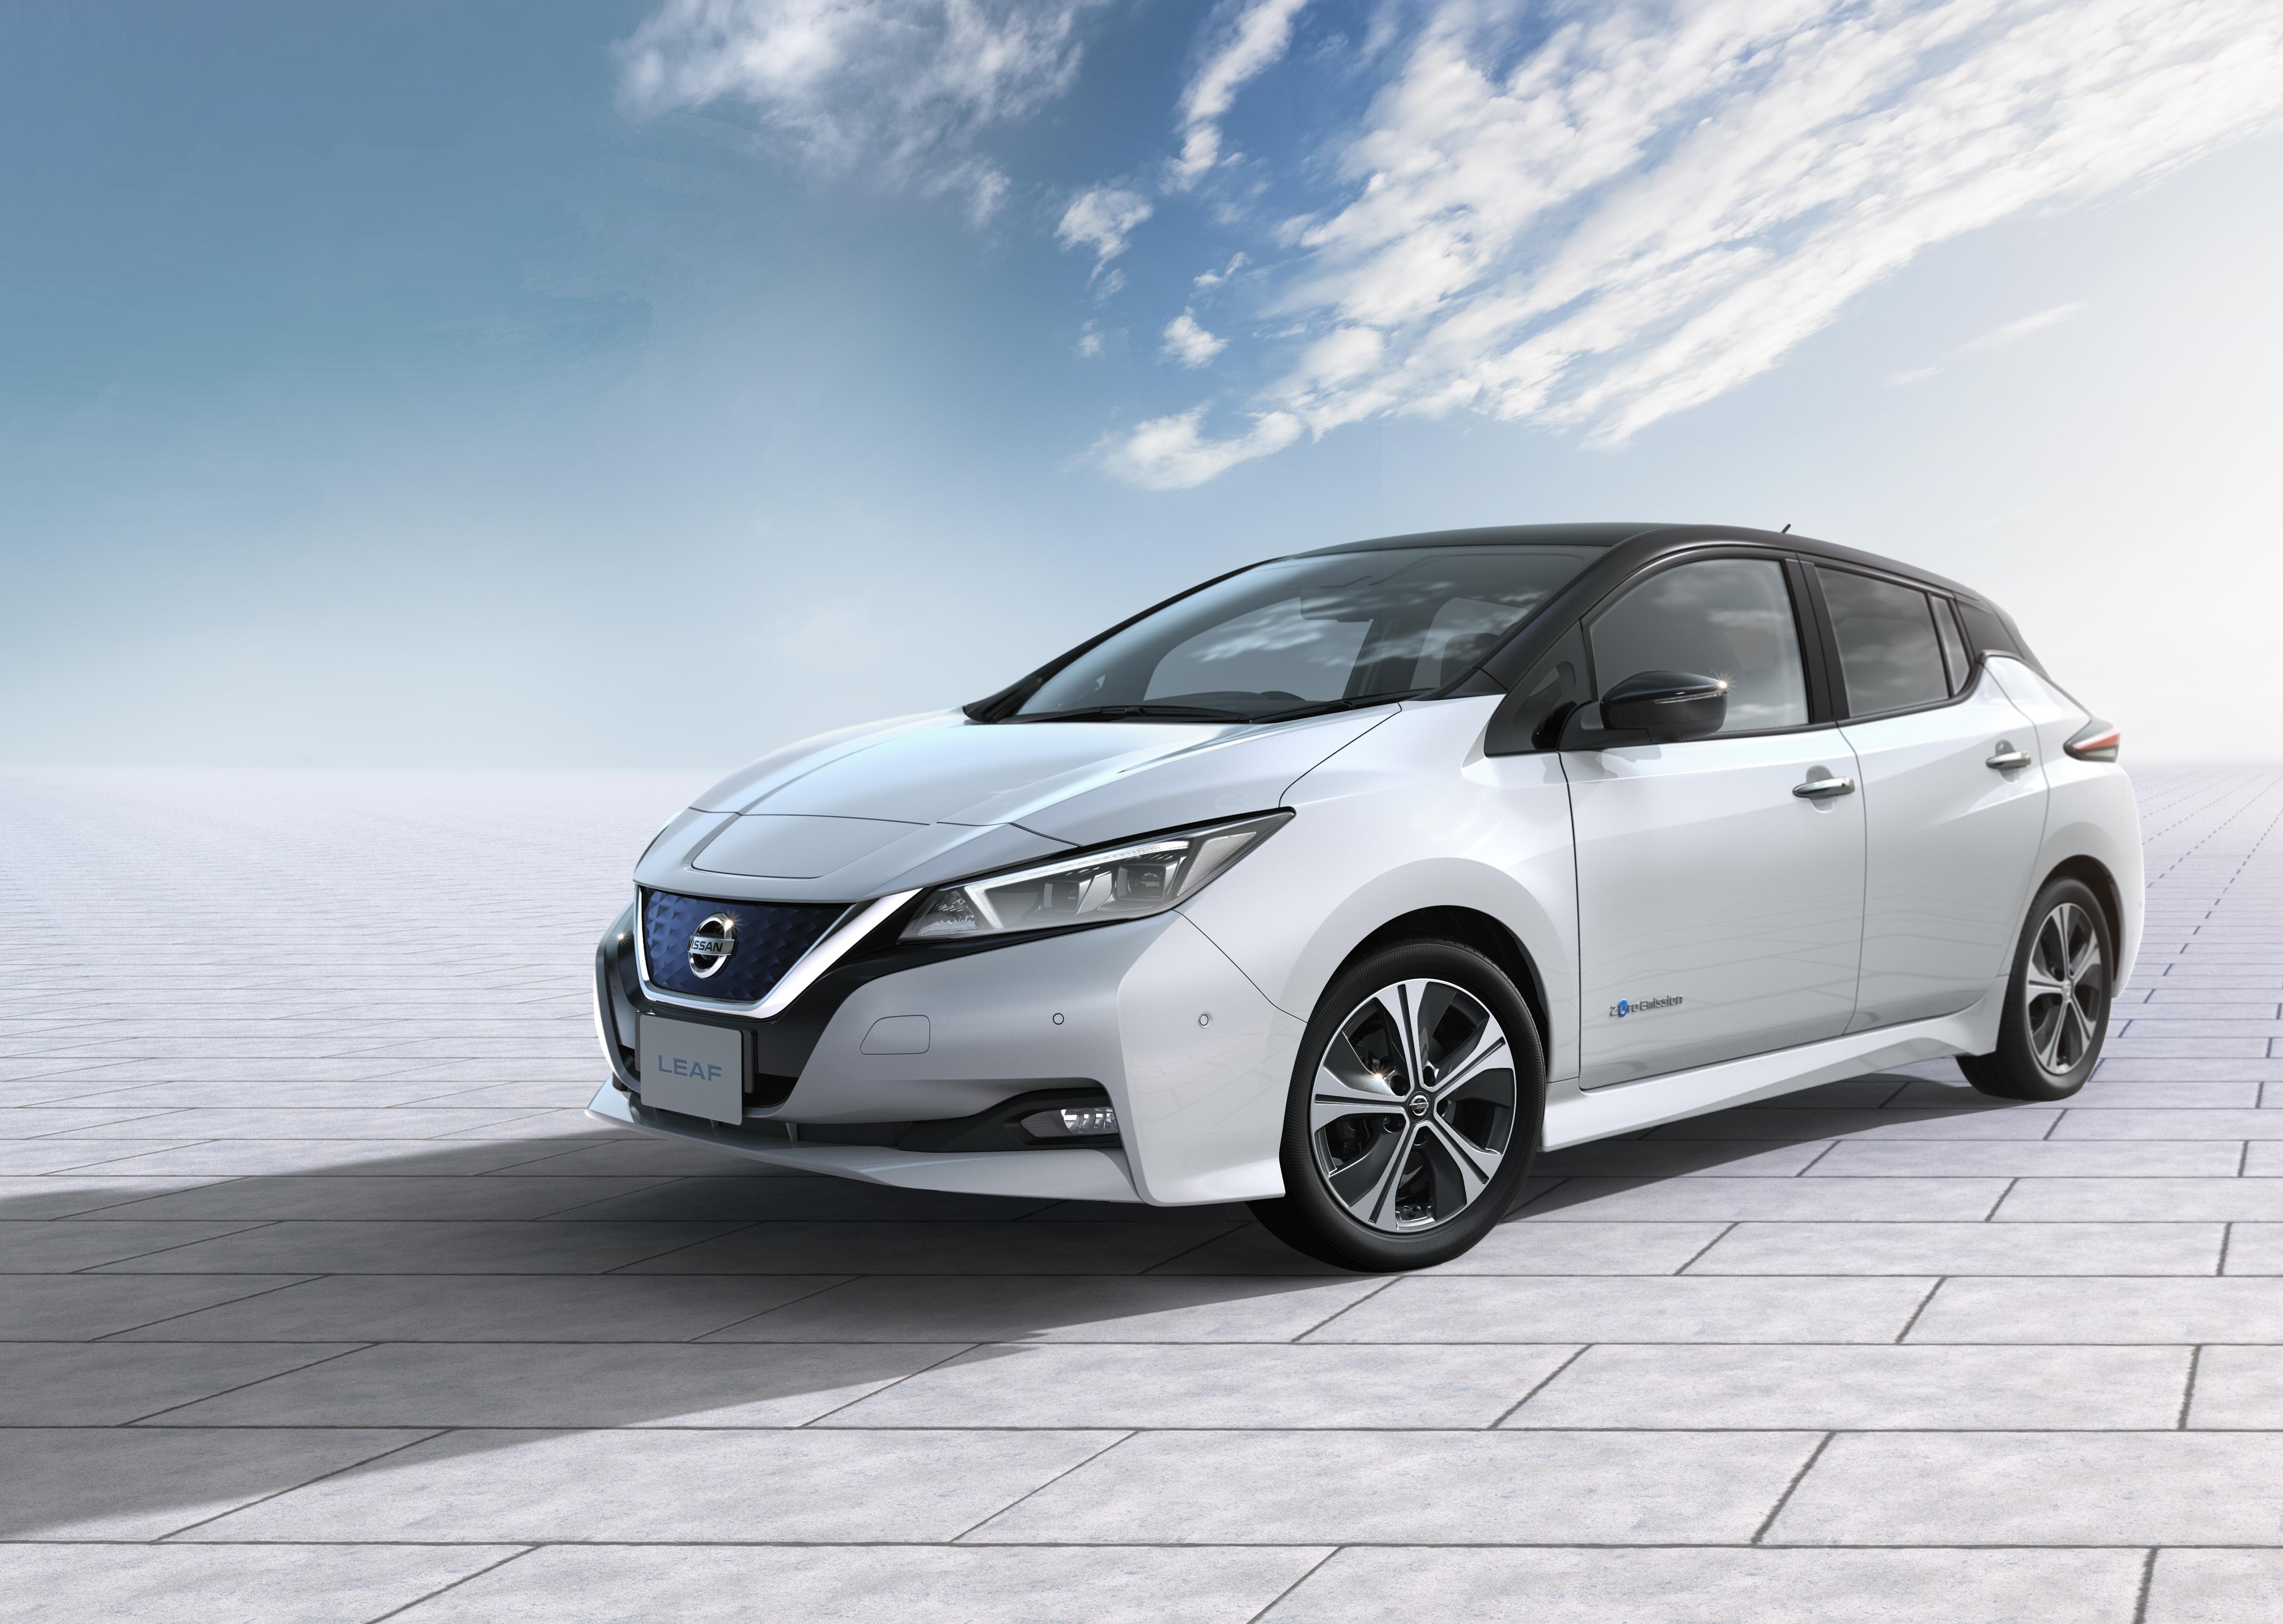 Elektrisch und teilautonom: die Zukunft spielt im neuen Nissan Leaf ...